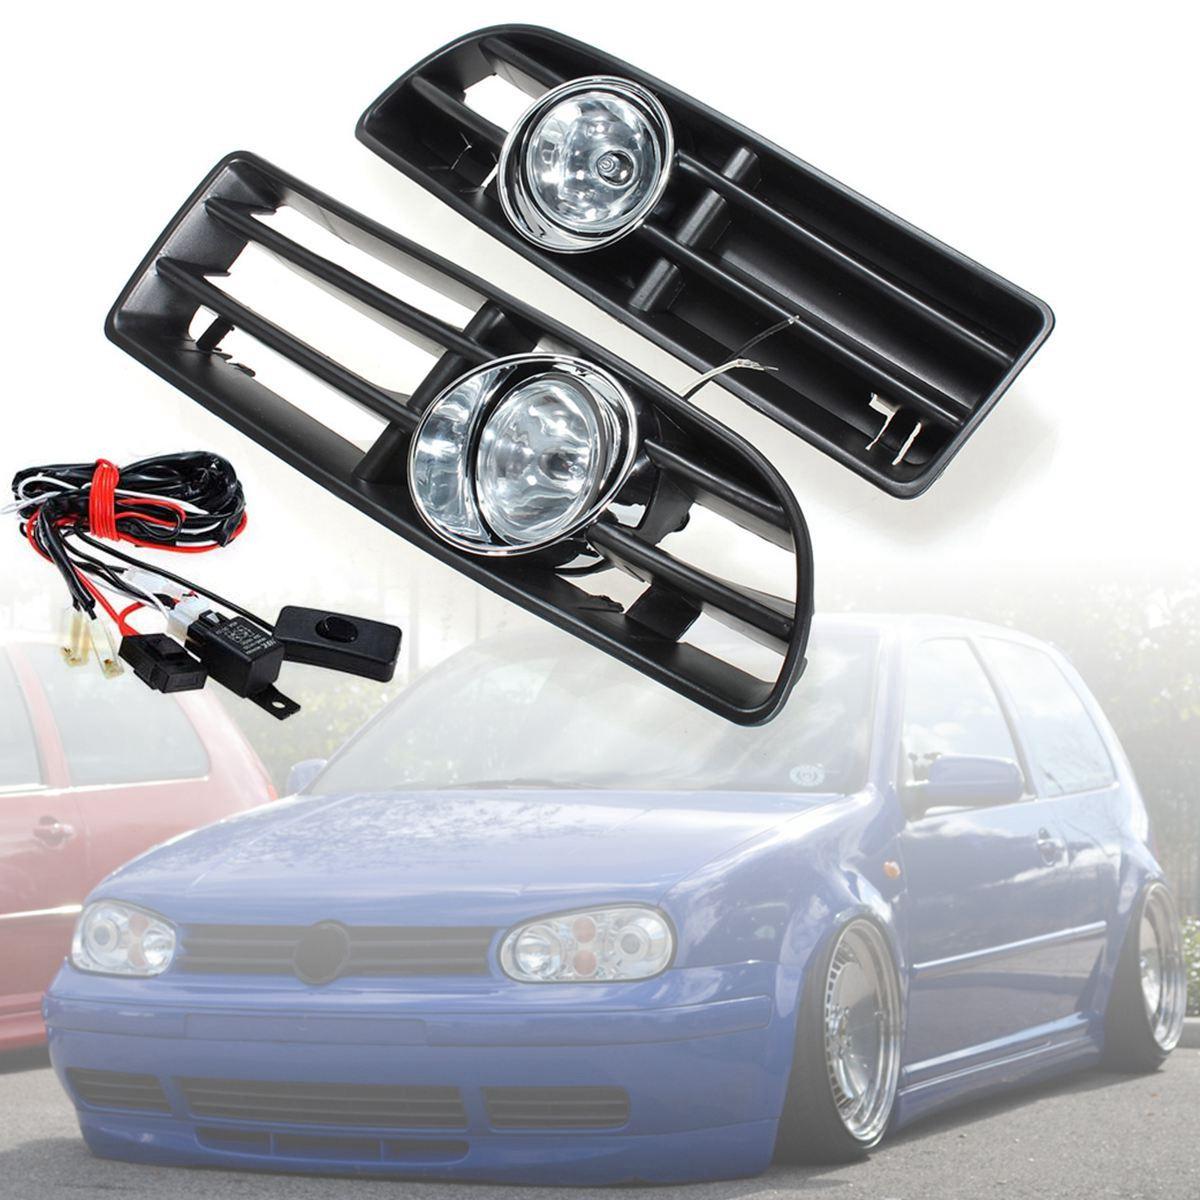 Pare-chocs Brouillard Lumières Grille Ampoules commutateur de faisceau de câblage Pour VW JETTA BORA MK4 TDI 1999-2004 lampes de voiture Lumières